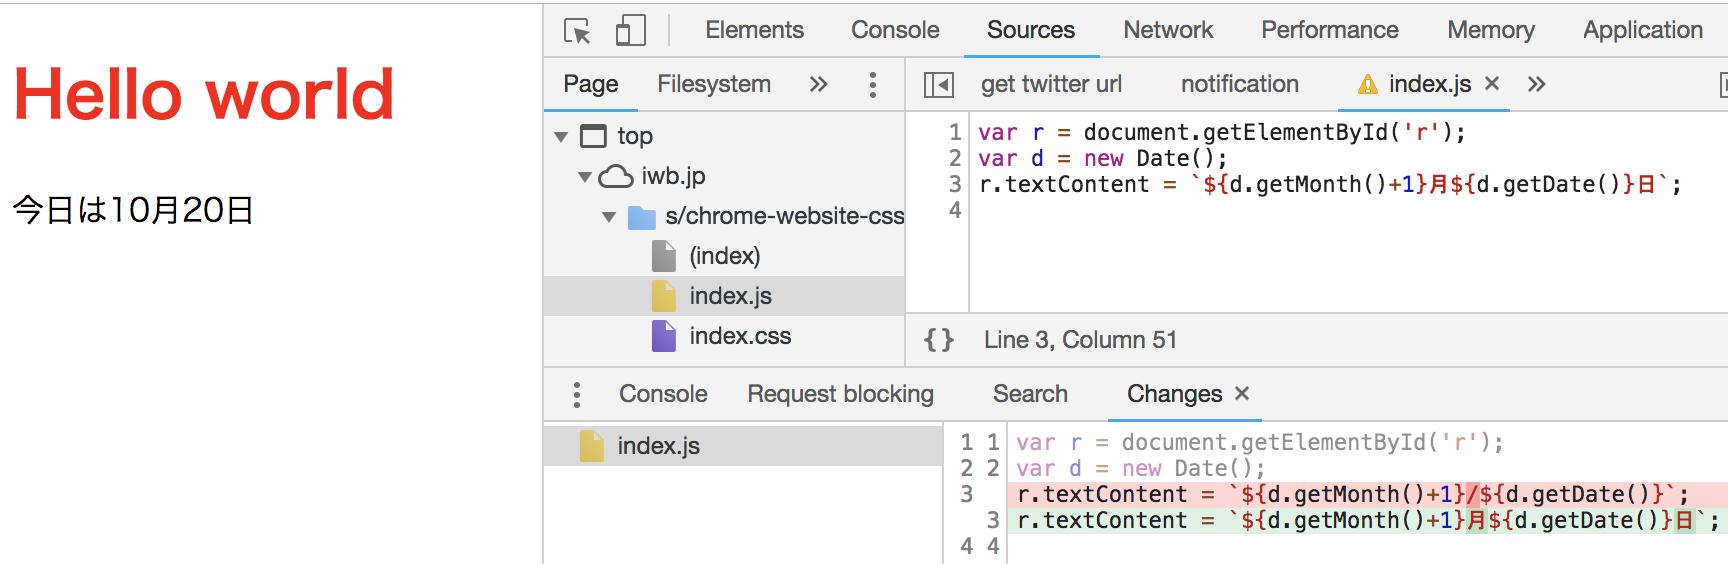 JavaScriptファイルも修正してローカルファイルで保存すれば同様に修正内容が反映される